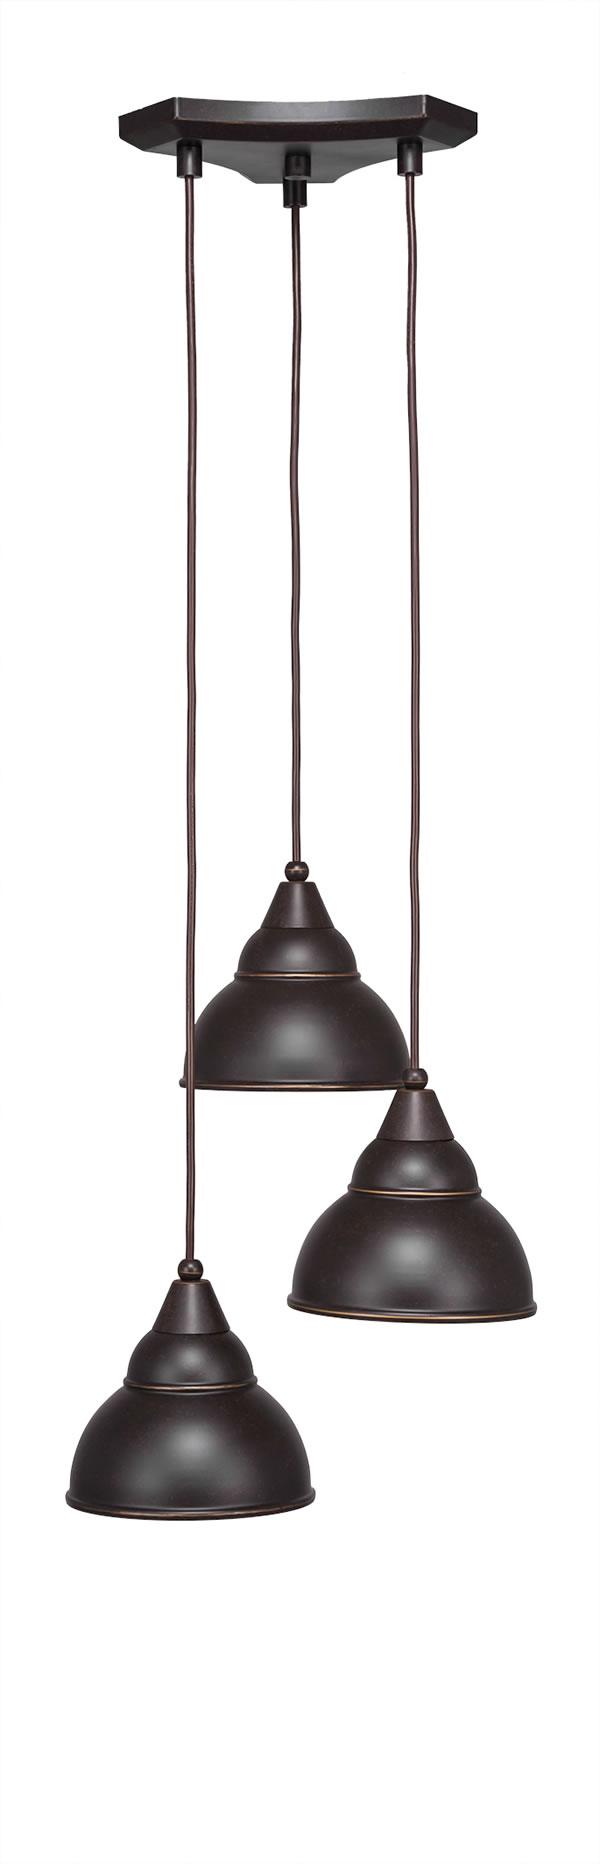 28 Dark Granite Multi Light Mini Pendant  sc 1 st  Billiard Warehouse & Multi Light Mini Pendant